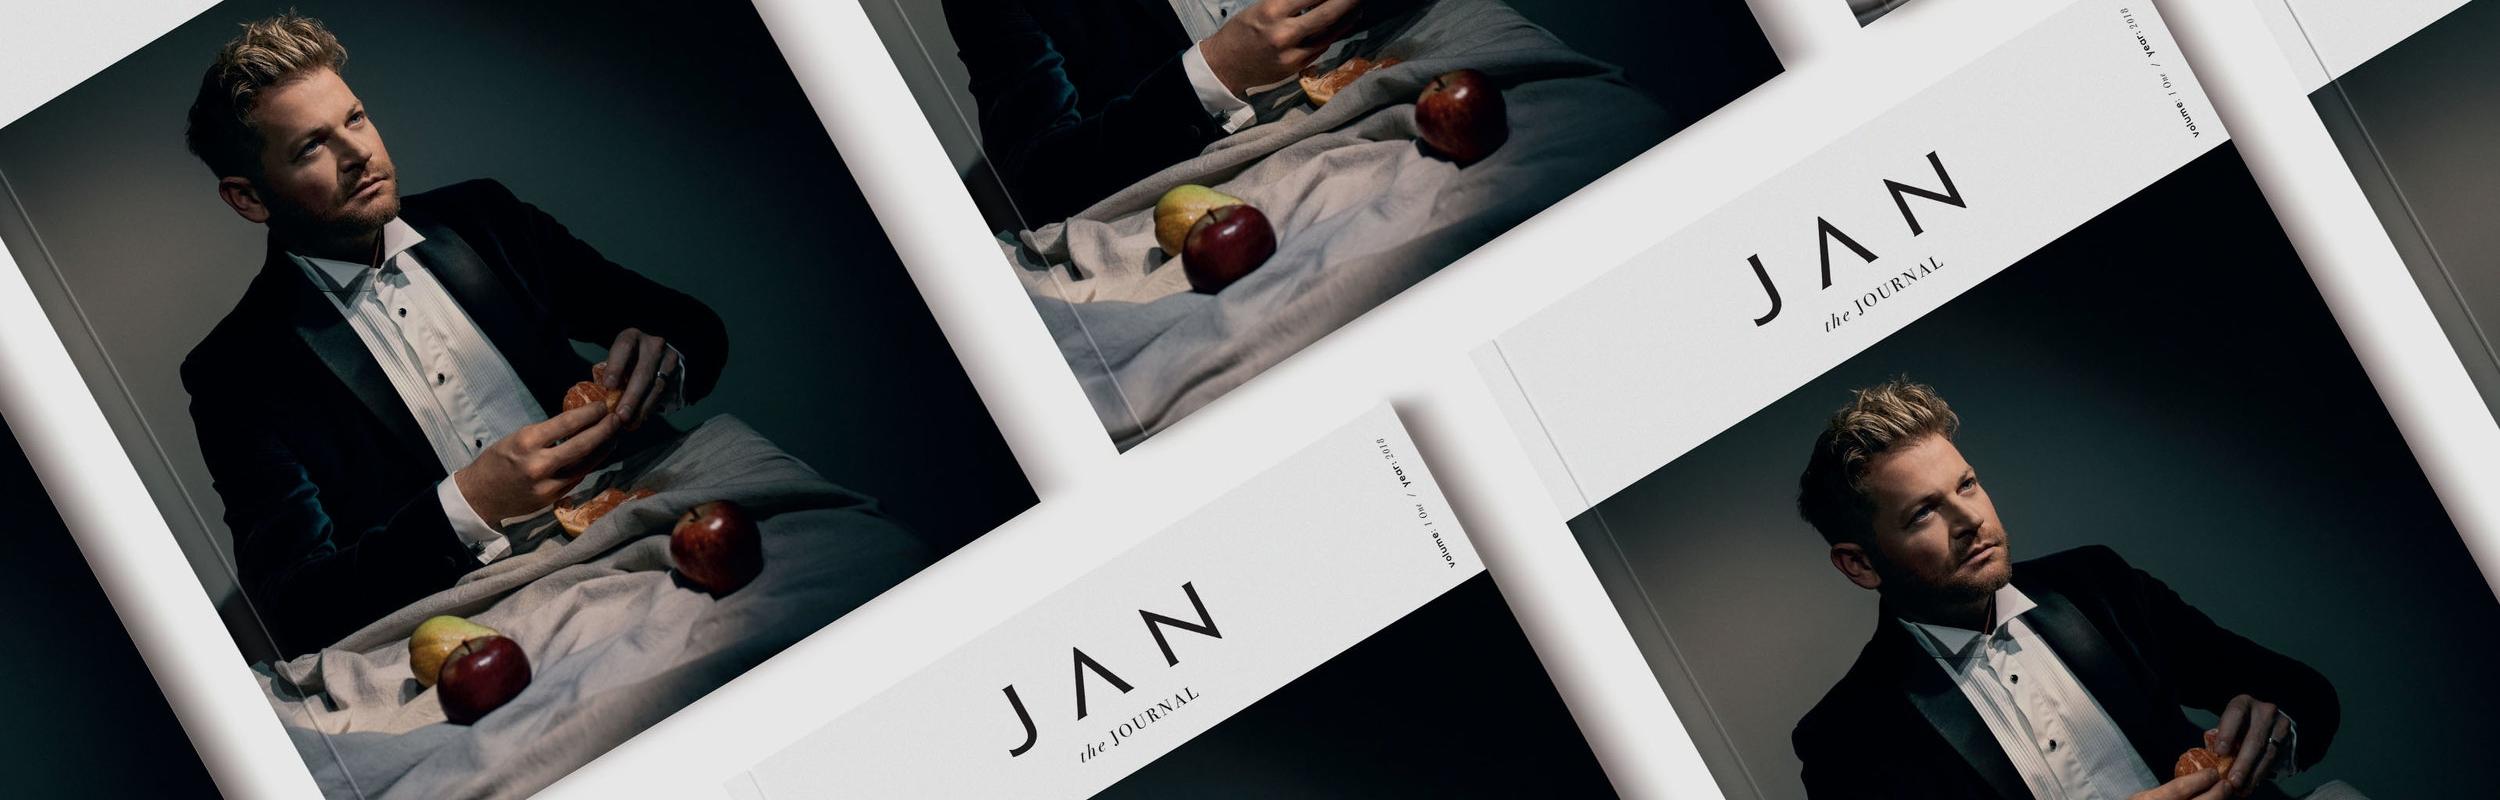 journal banner.jpg